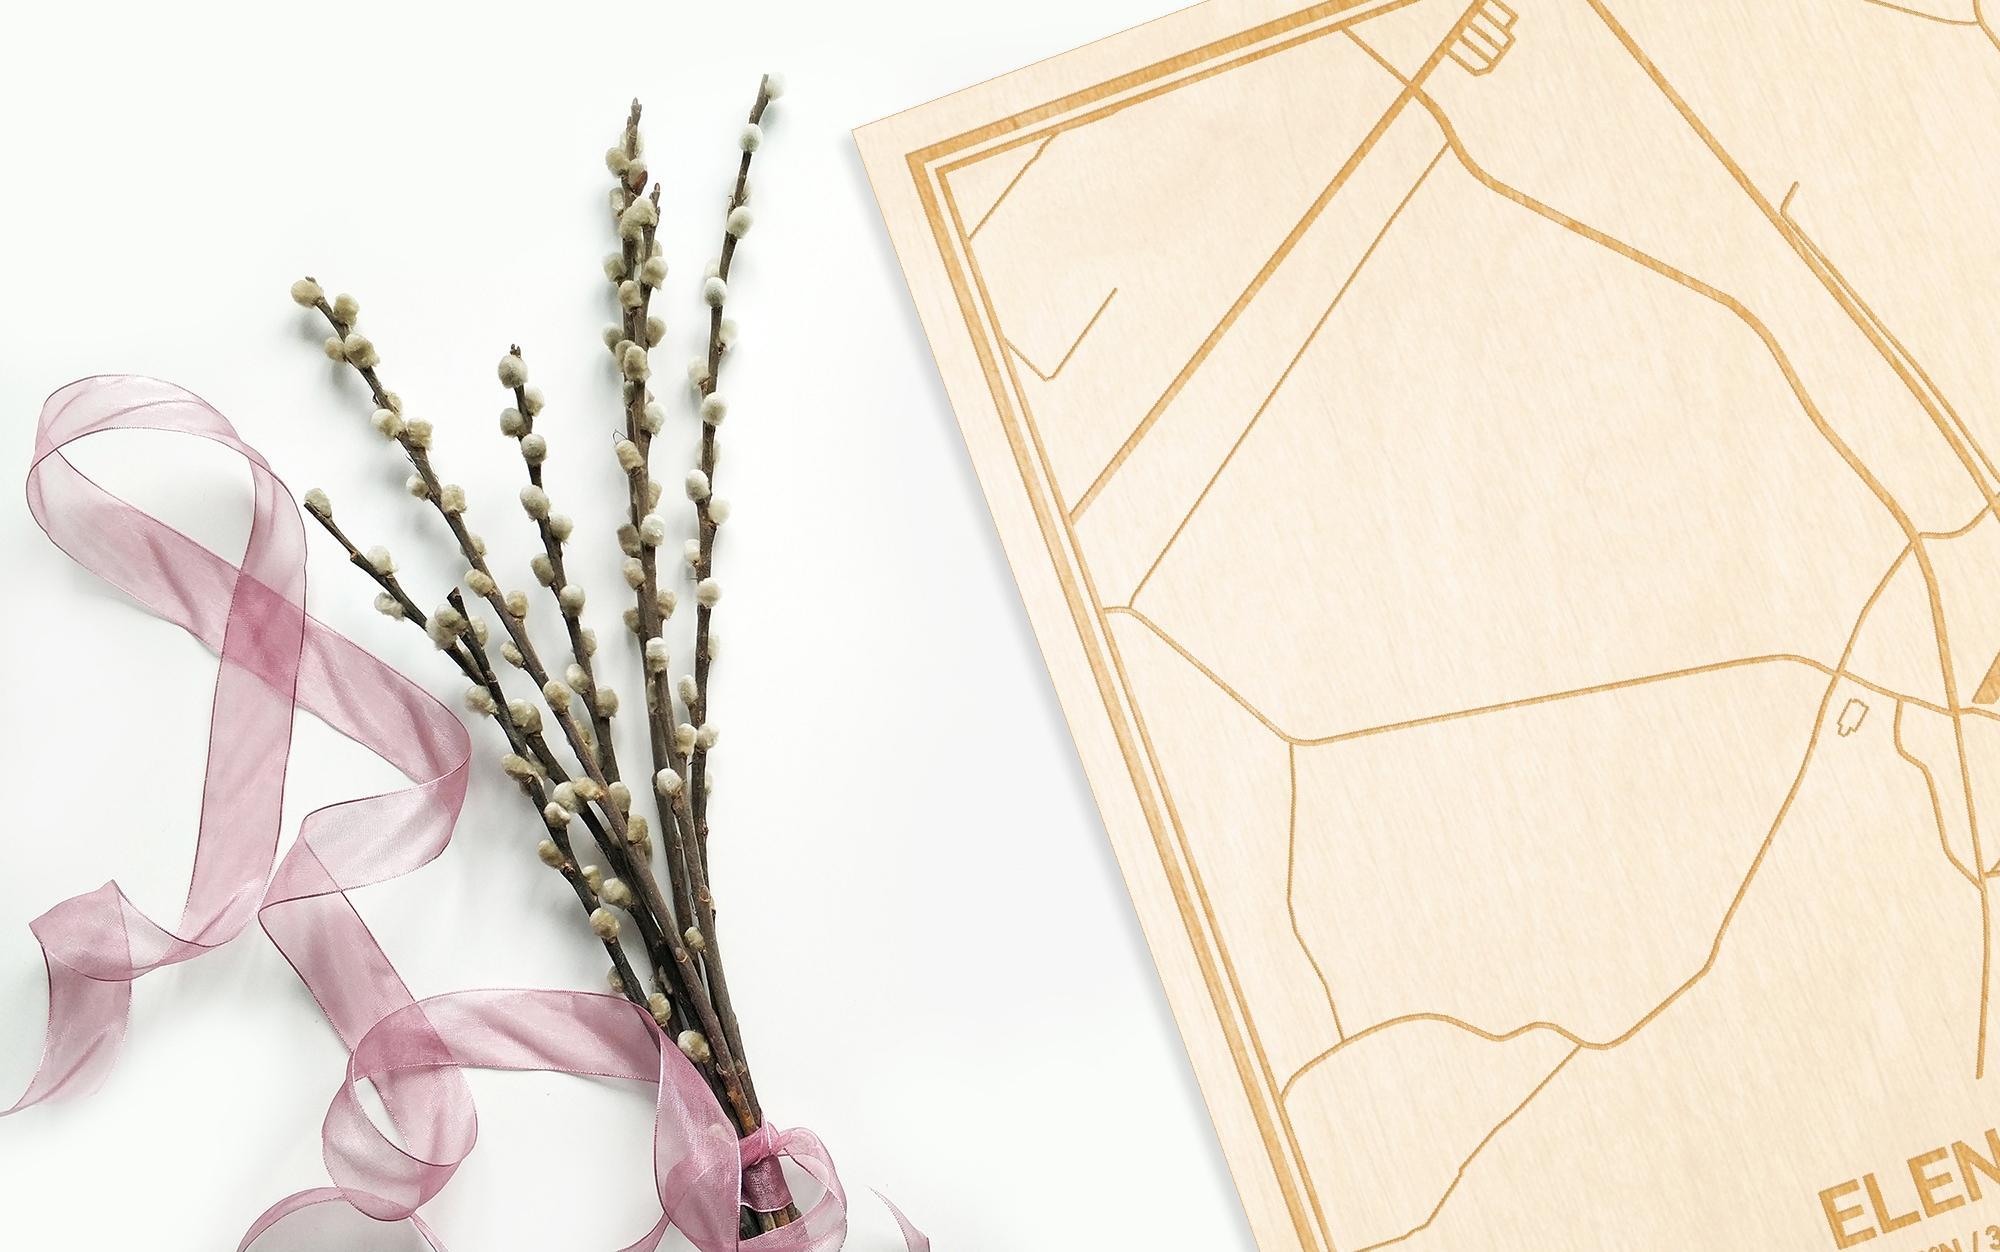 Hier ligt de houten plattegrond Elene naast een bloemetje als gepersonaliseerd cadeau voor haar.